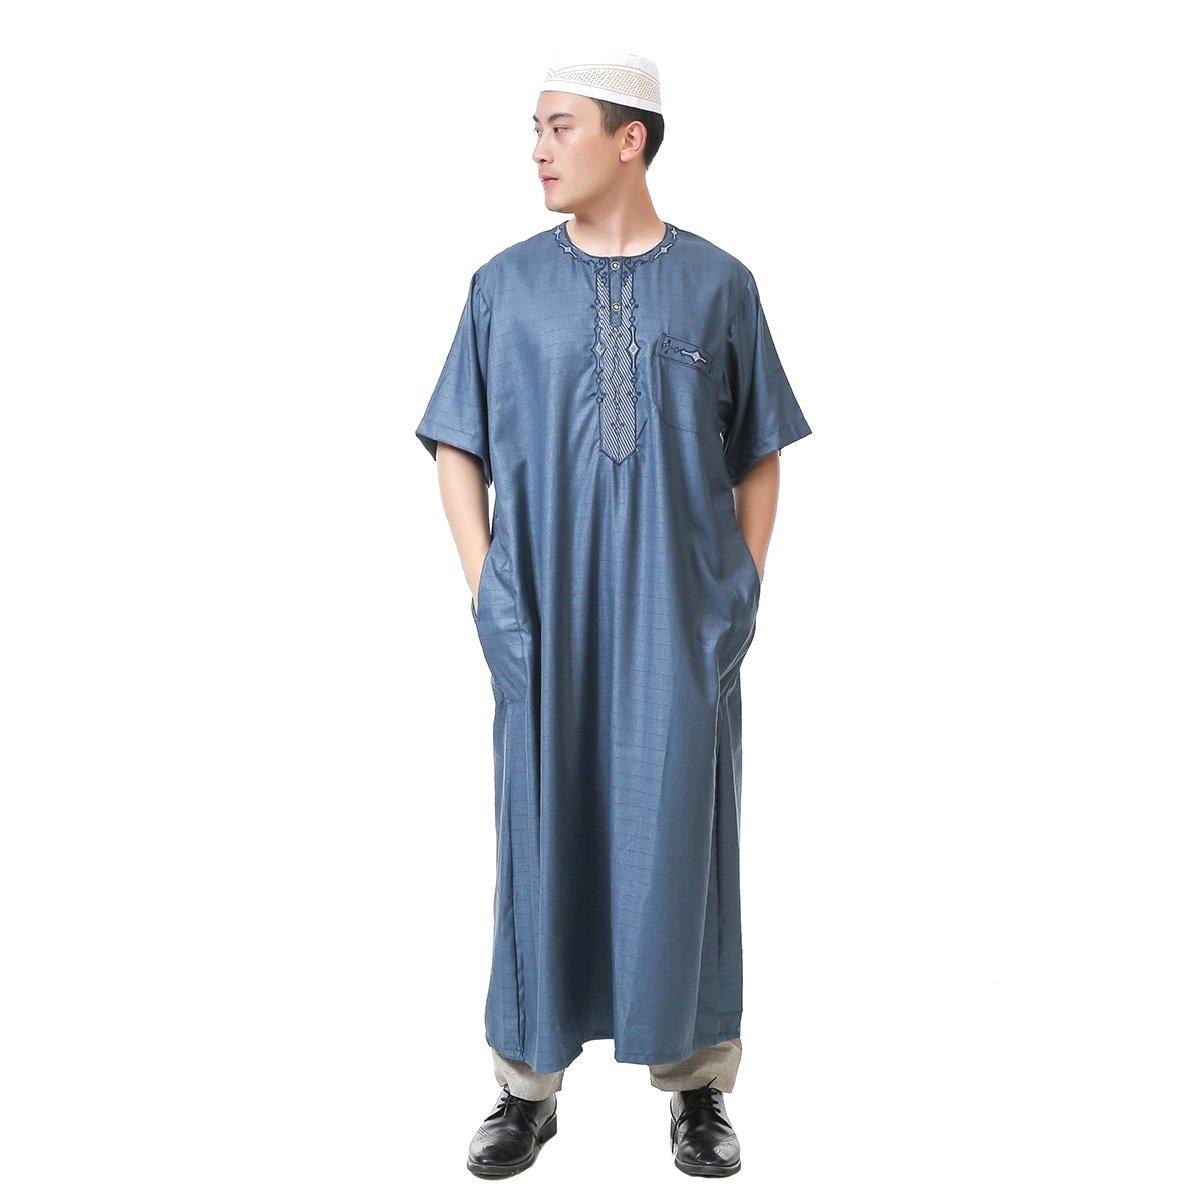 Coolred Men's Short-Sleeve Cotton Linen Blend Summer Plaid Muslim Thobe Dark Blue 56